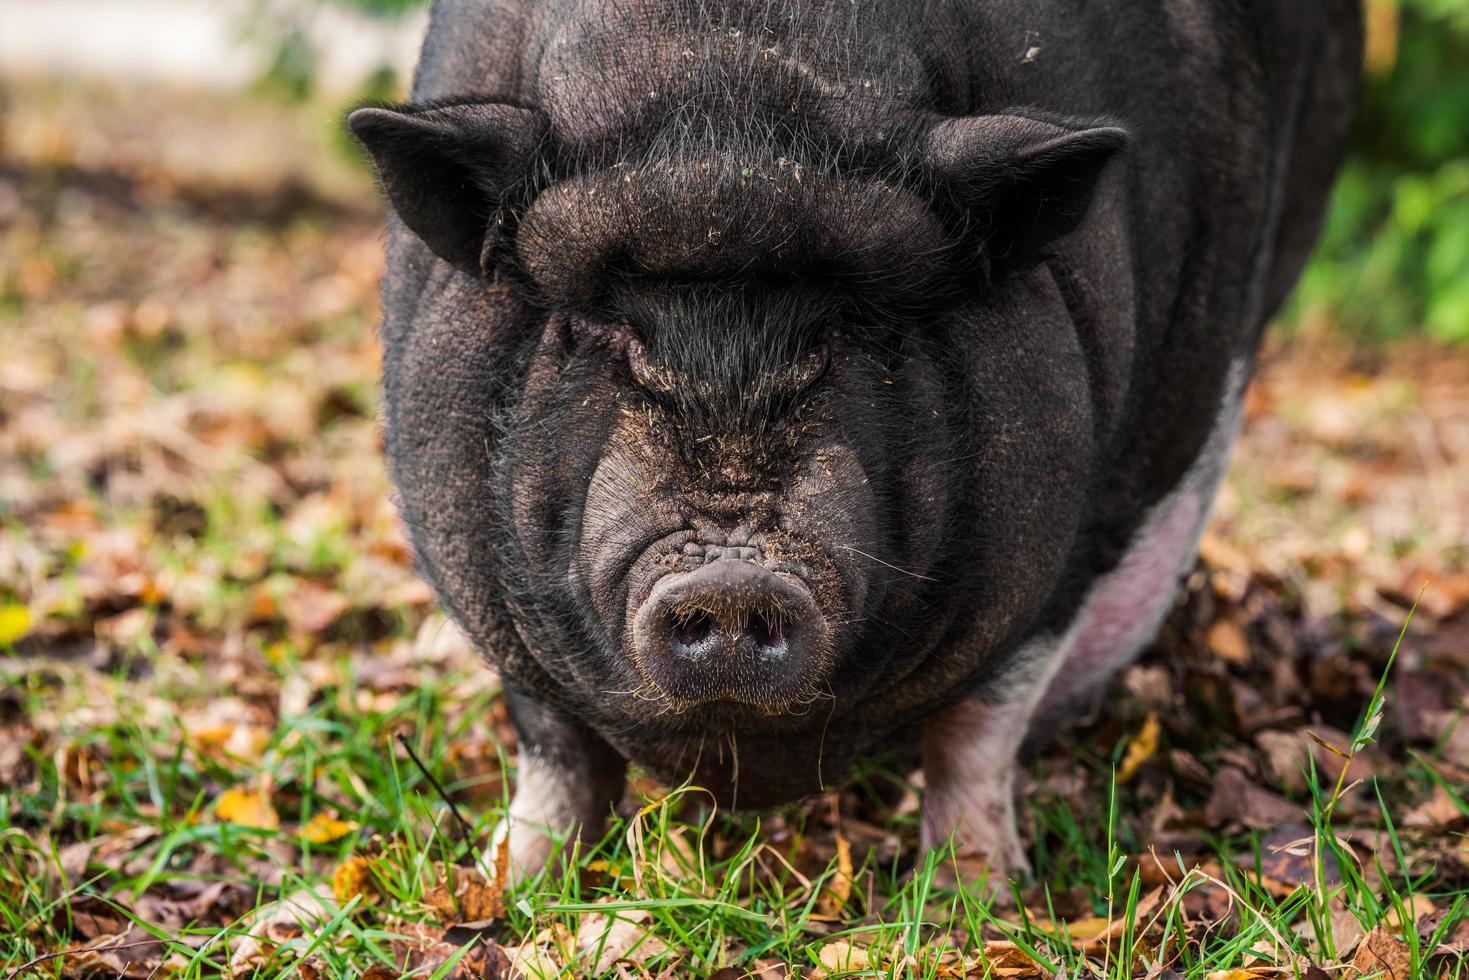 Close-up of a black pig photo